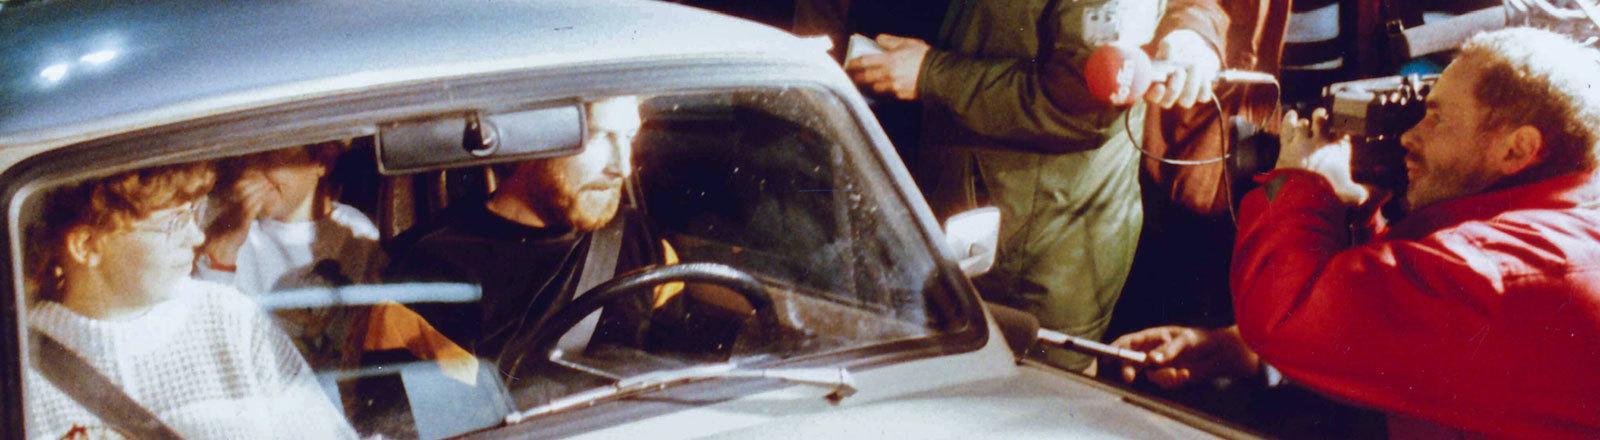 Autobahnkontrollpunkt am Grenzübergang Helmstedt-Marienborn in Richtung DDR in der Nacht nach der Grenzöffnung gegen 23.00 Uhr am 09.11.1989 als die ersten DDR Bürger in Richtung Westen fuhren.